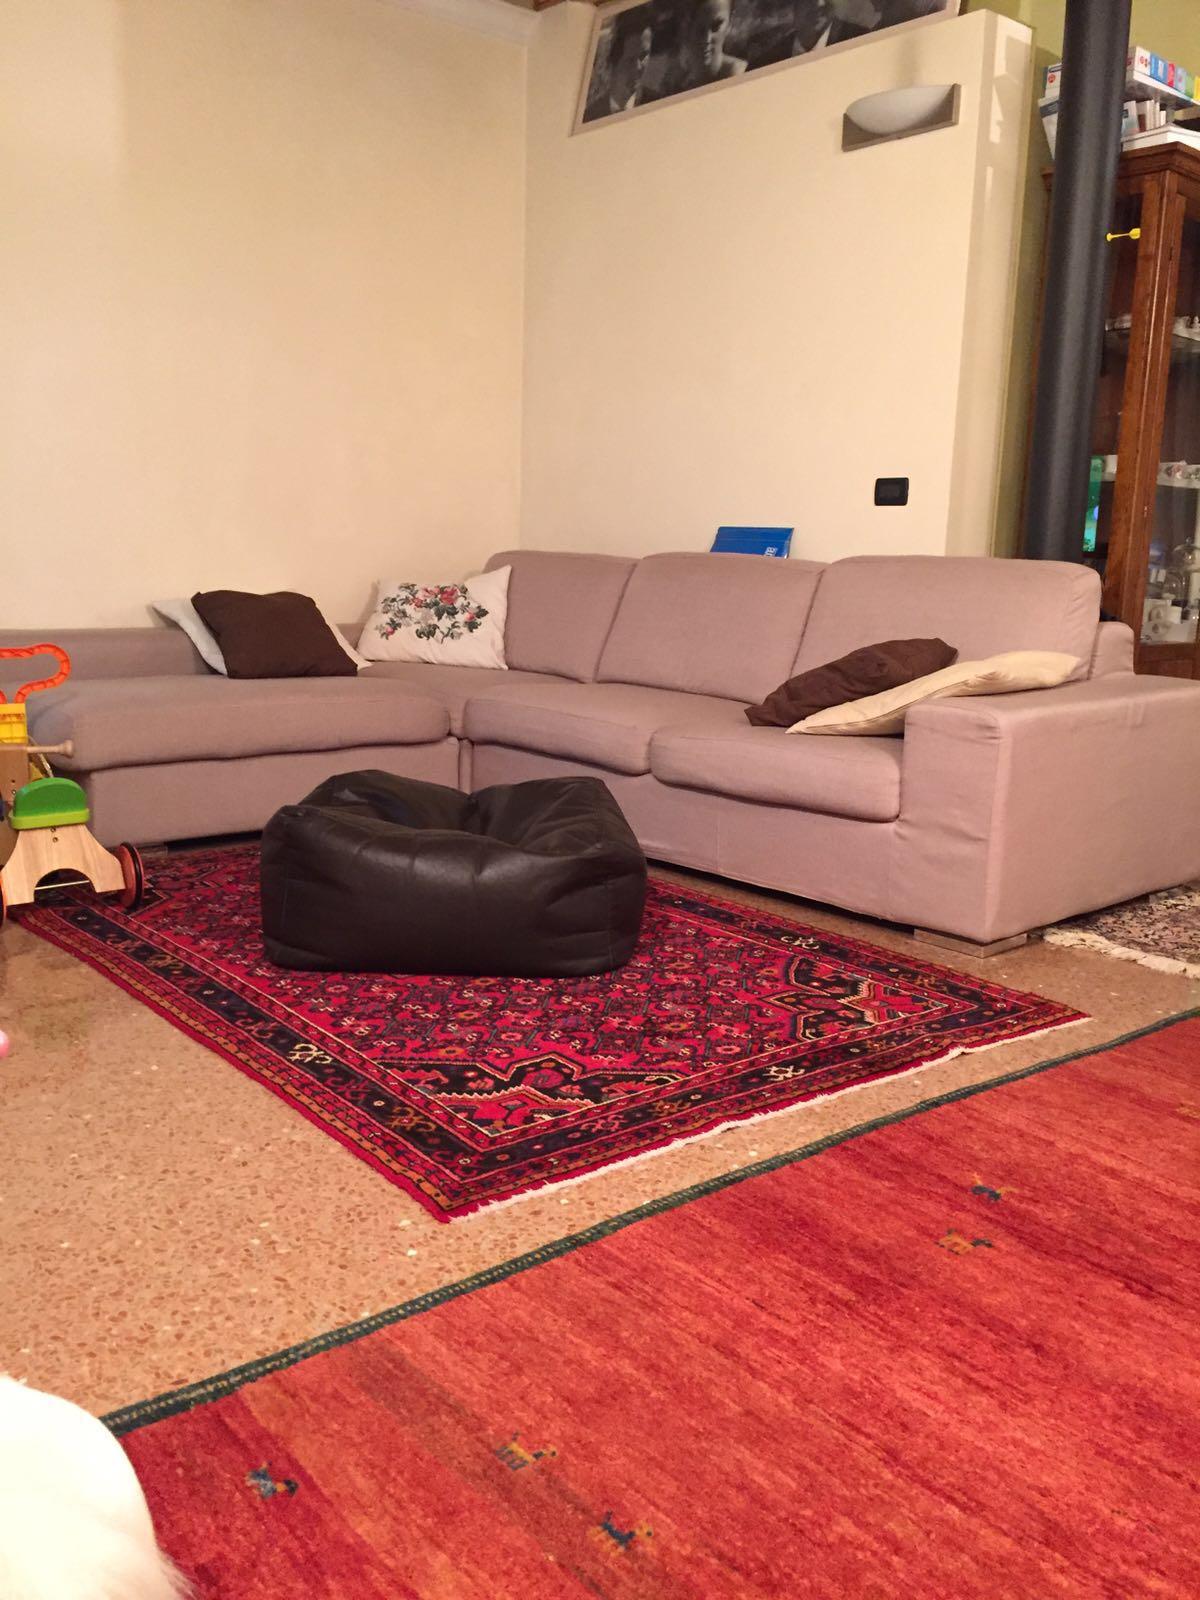 Appartamento in affitto a Montebelluna, 3 locali, zona Zona: Biadene, prezzo € 800 | Cambio Casa.it